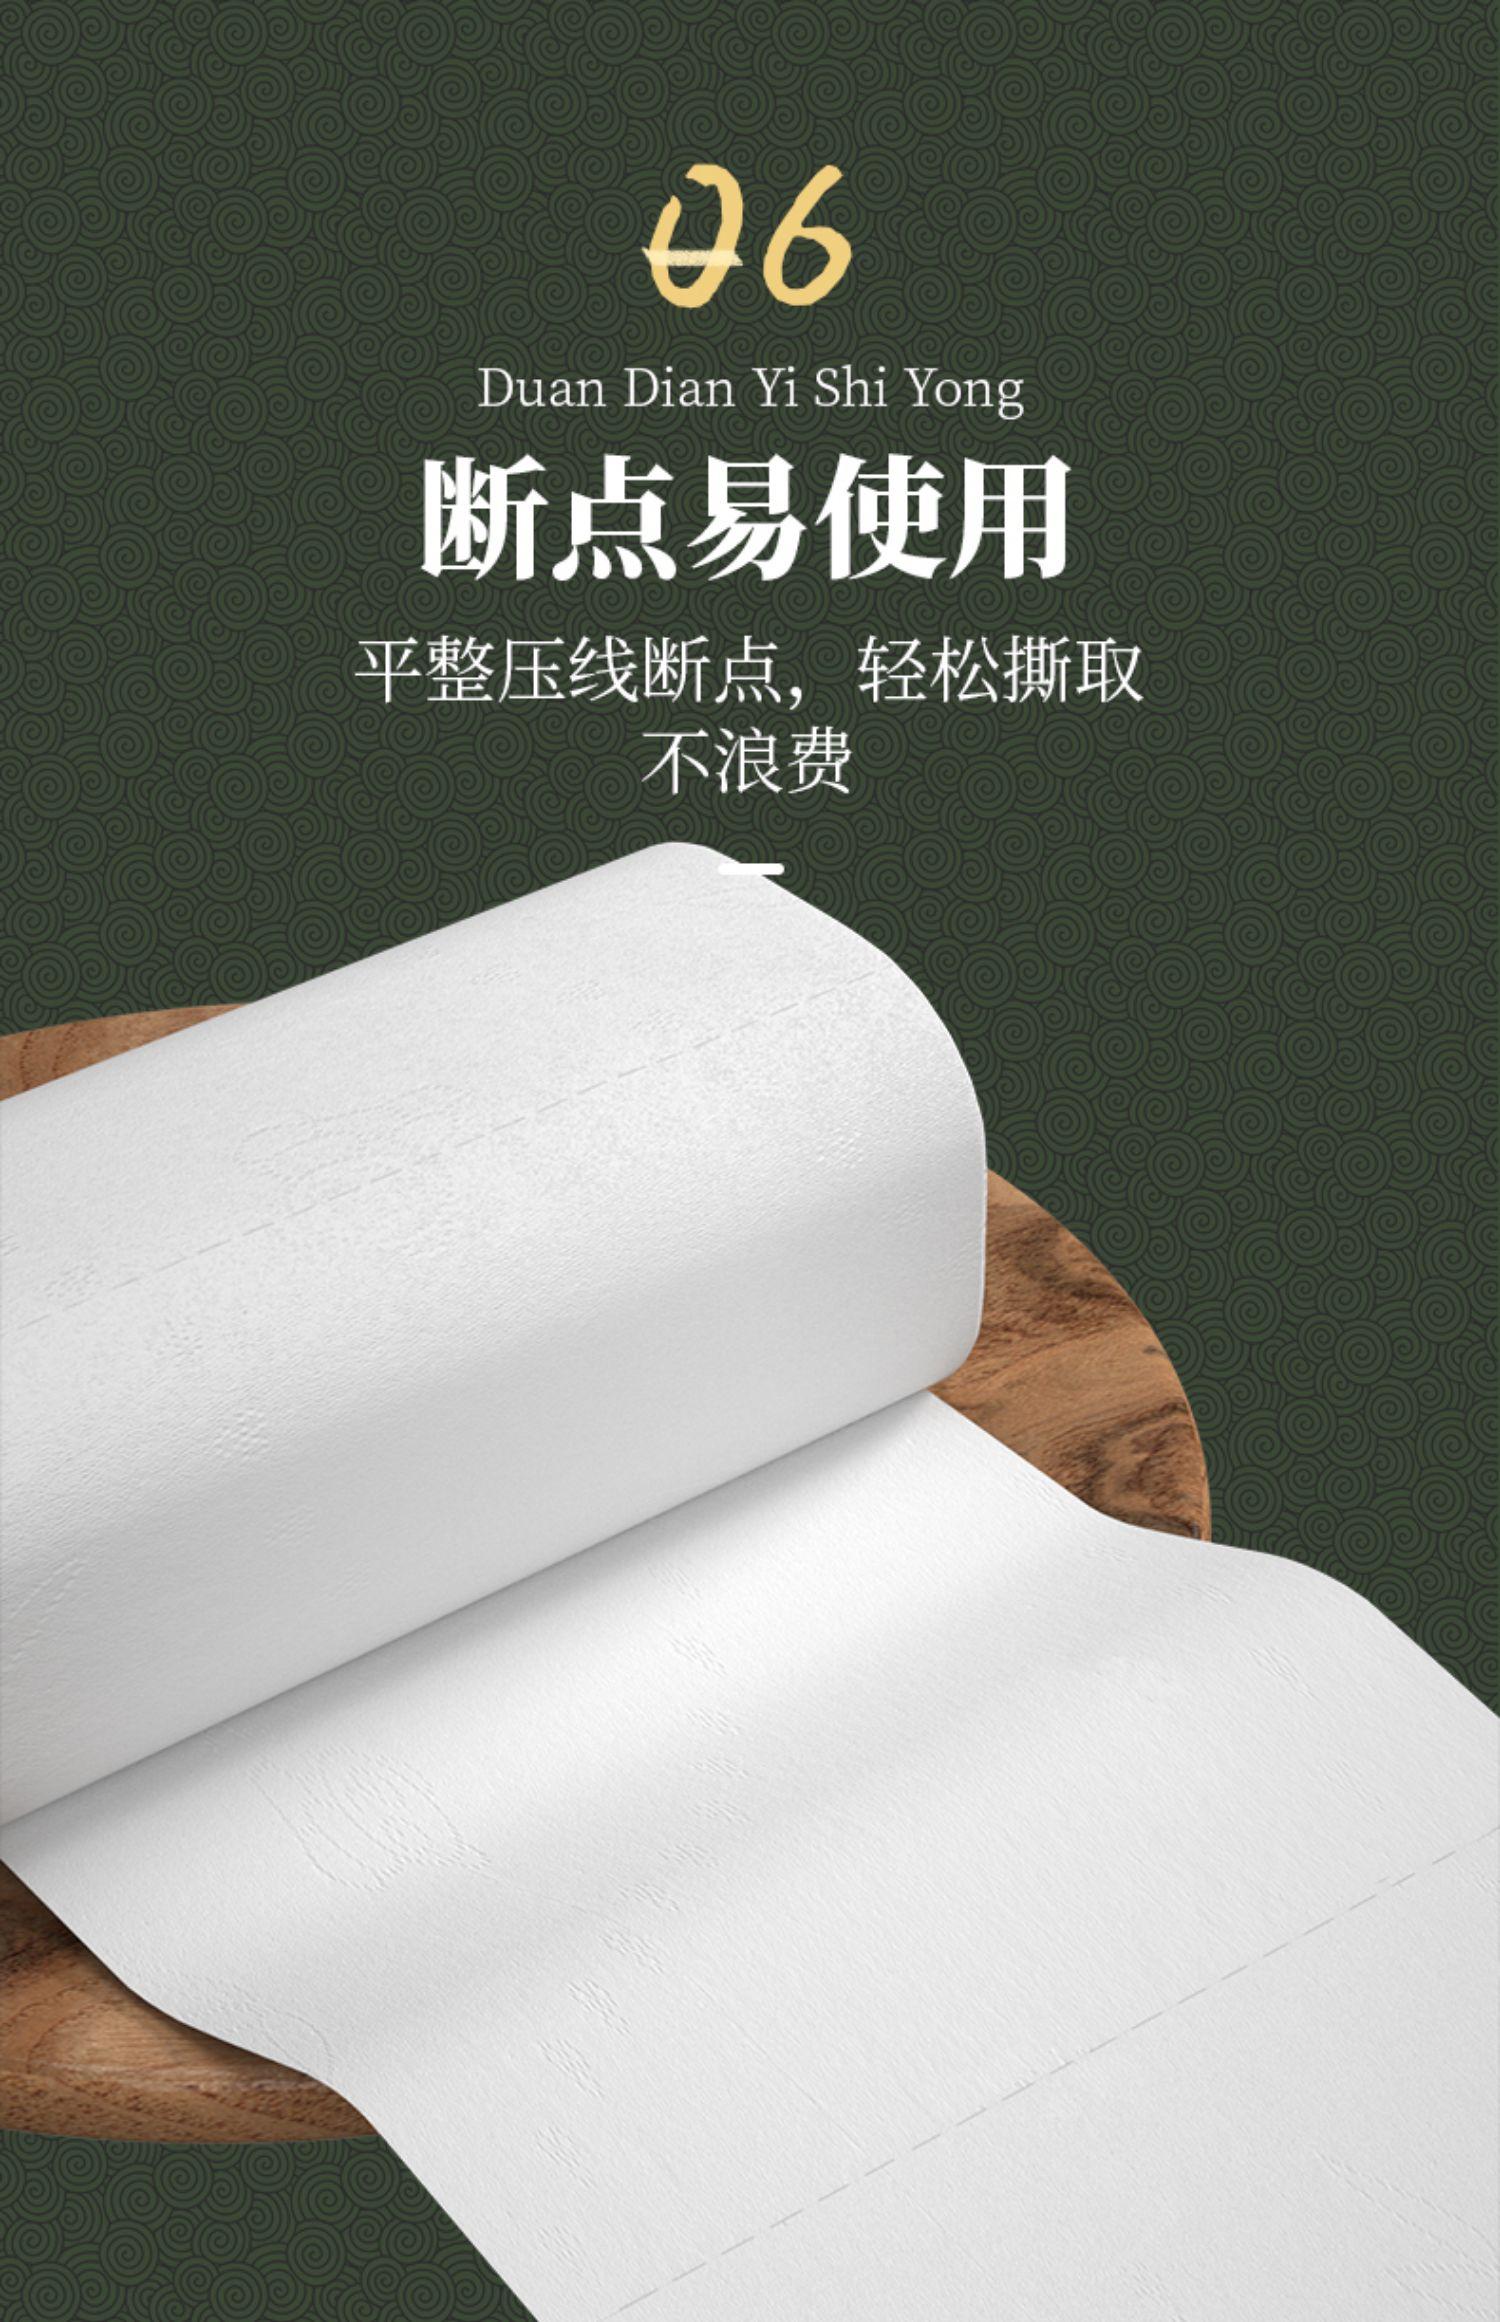 伊薇卫生纸大卷纸家用纸巾手纸抽整箱批厕纸卷筒纸实惠装无芯厕所商品详情图